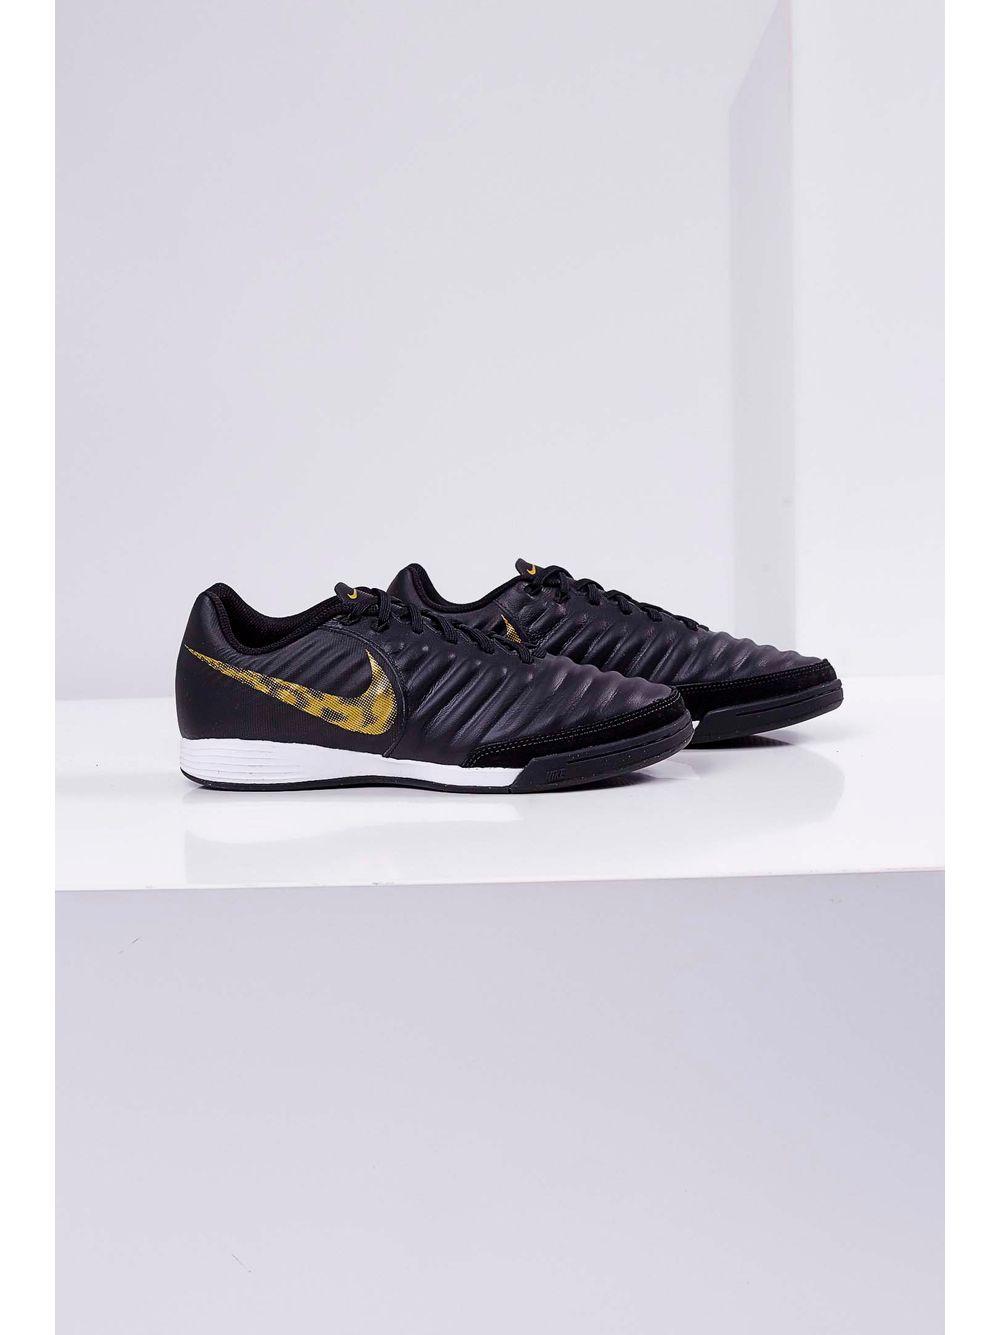 Chuteira Futsal Nike Ah7244-077 Preto - pittol db1e0b5748137